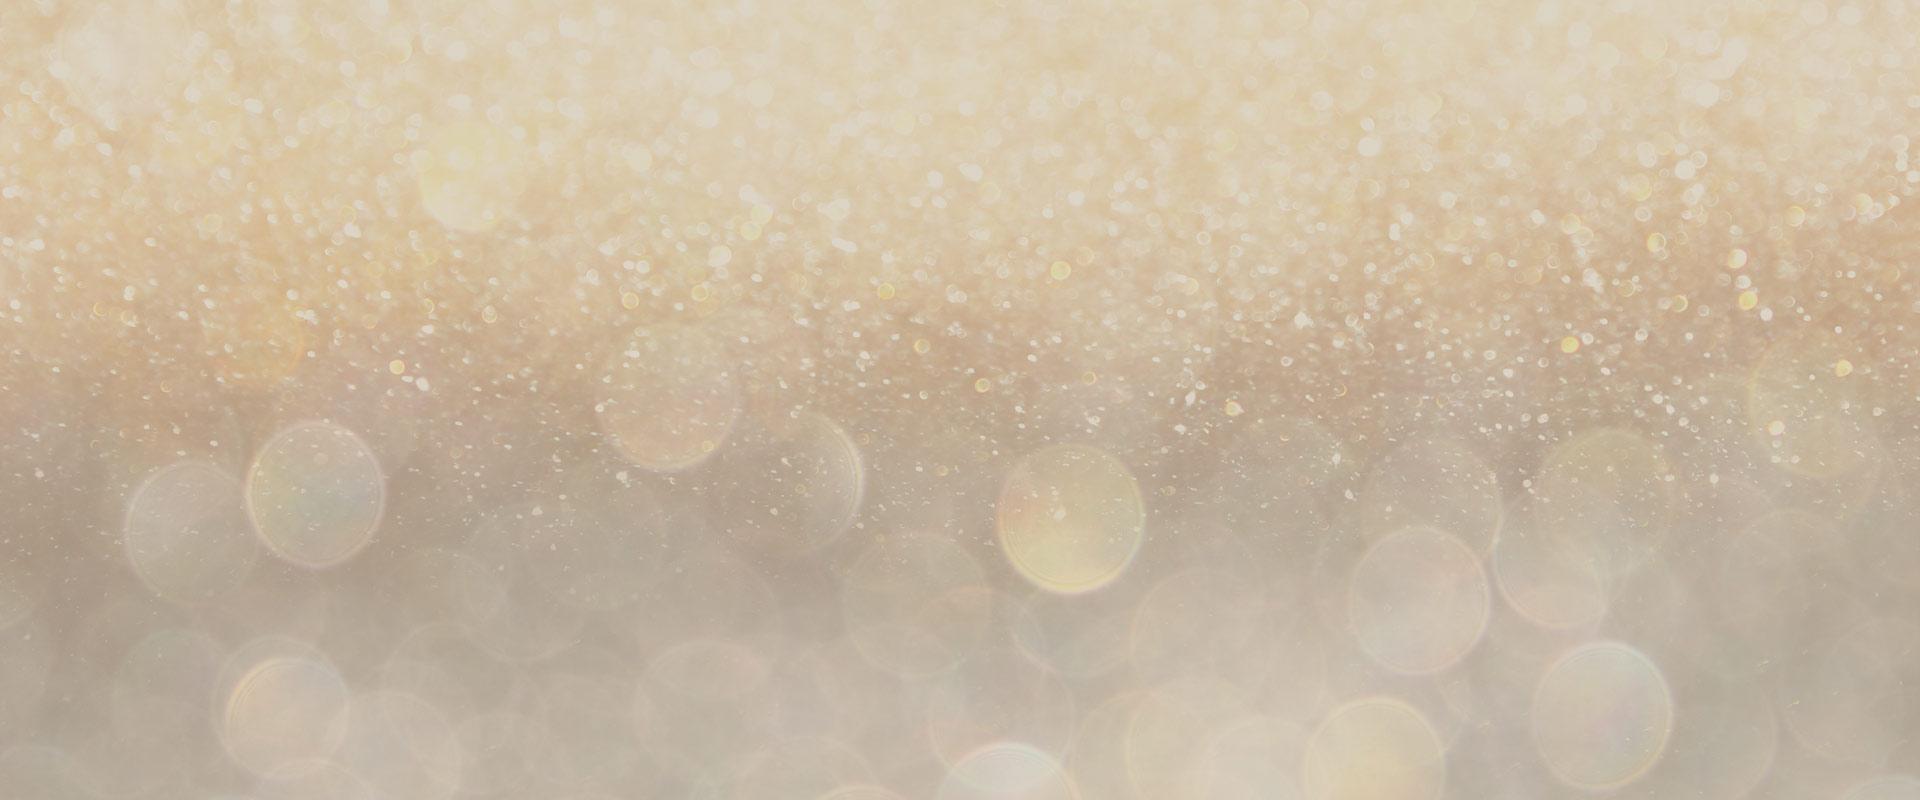 sma-bobler-6